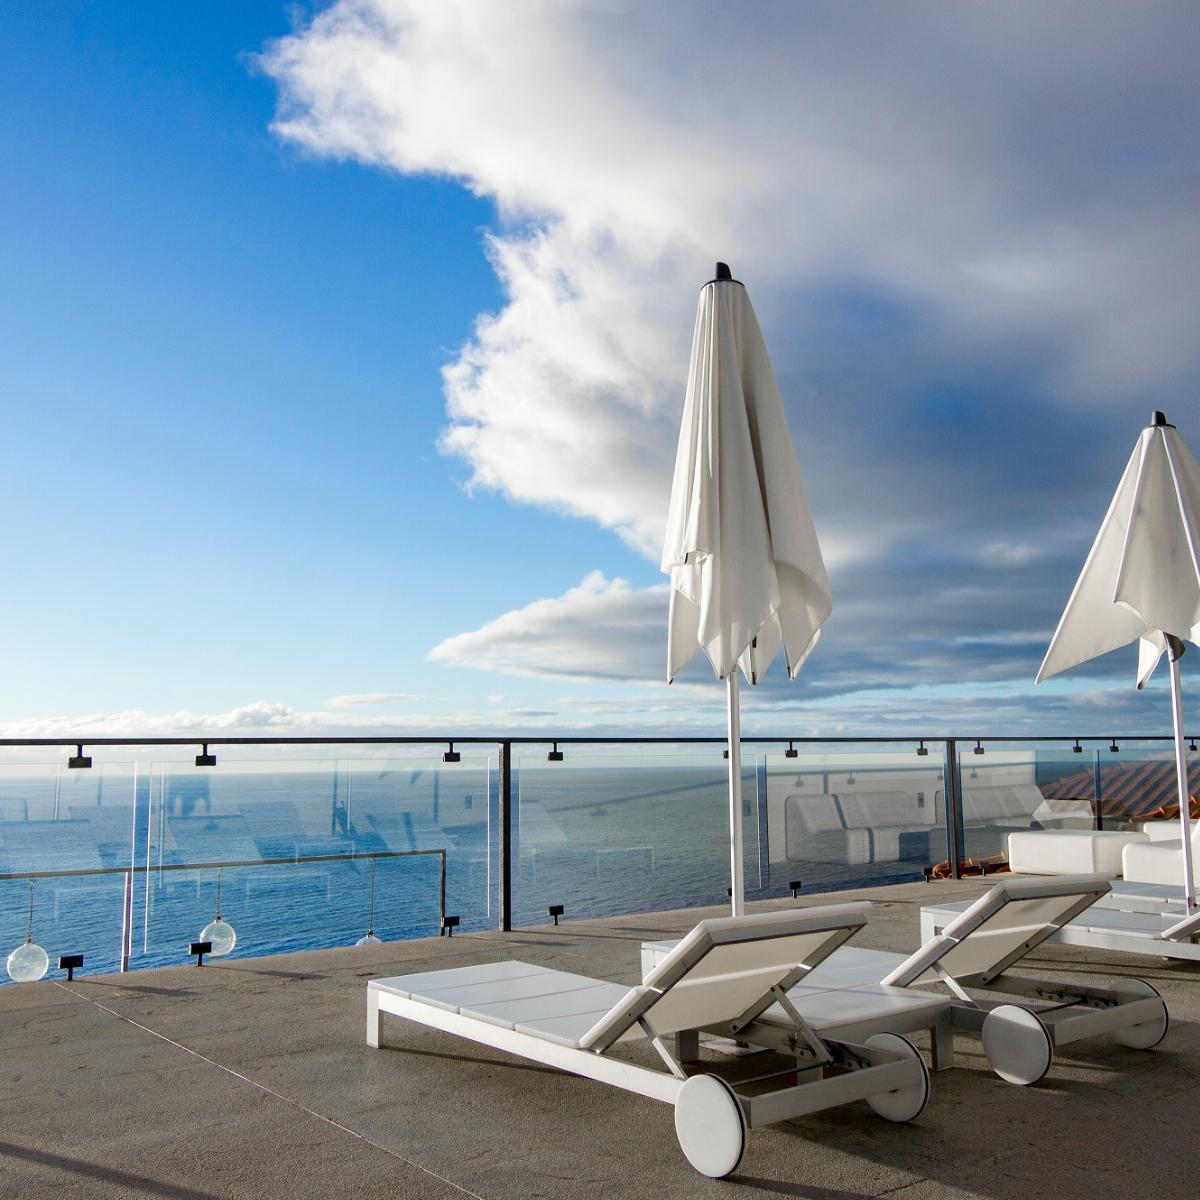 ponta do sol auf Madeira